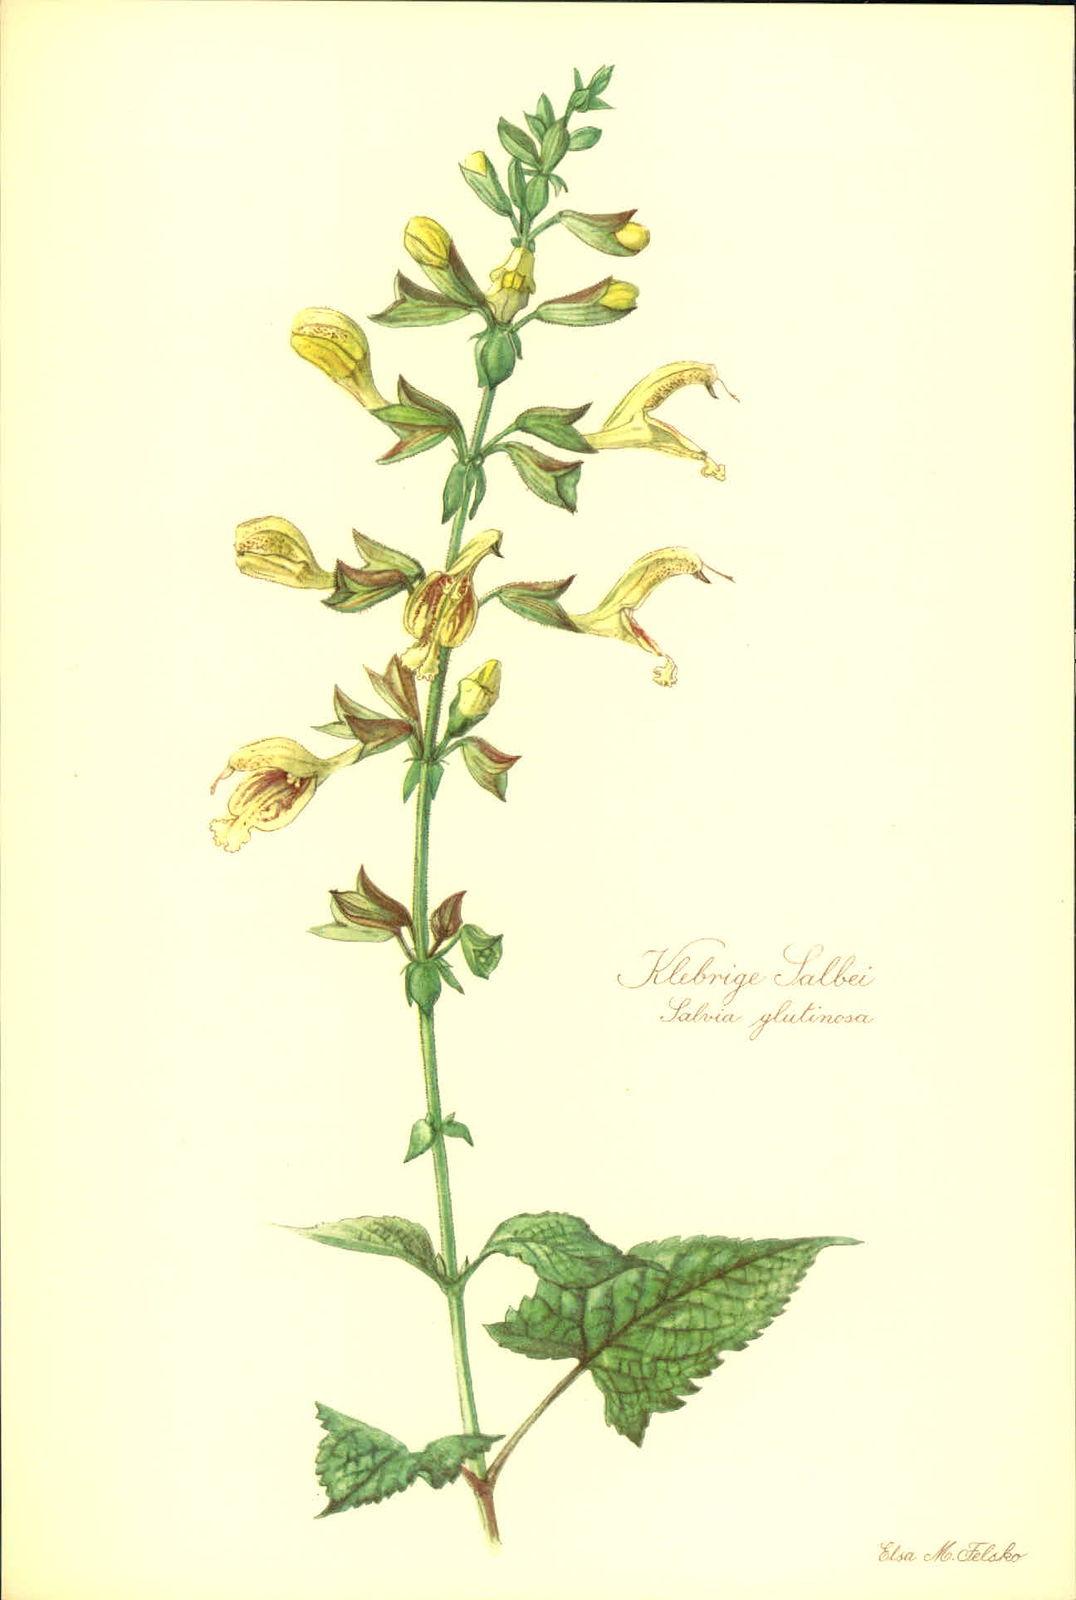 Klebrige Salbei (Salvia glutinosa). Kunstdruck nach Aquarell von Elsa M. Felsko.